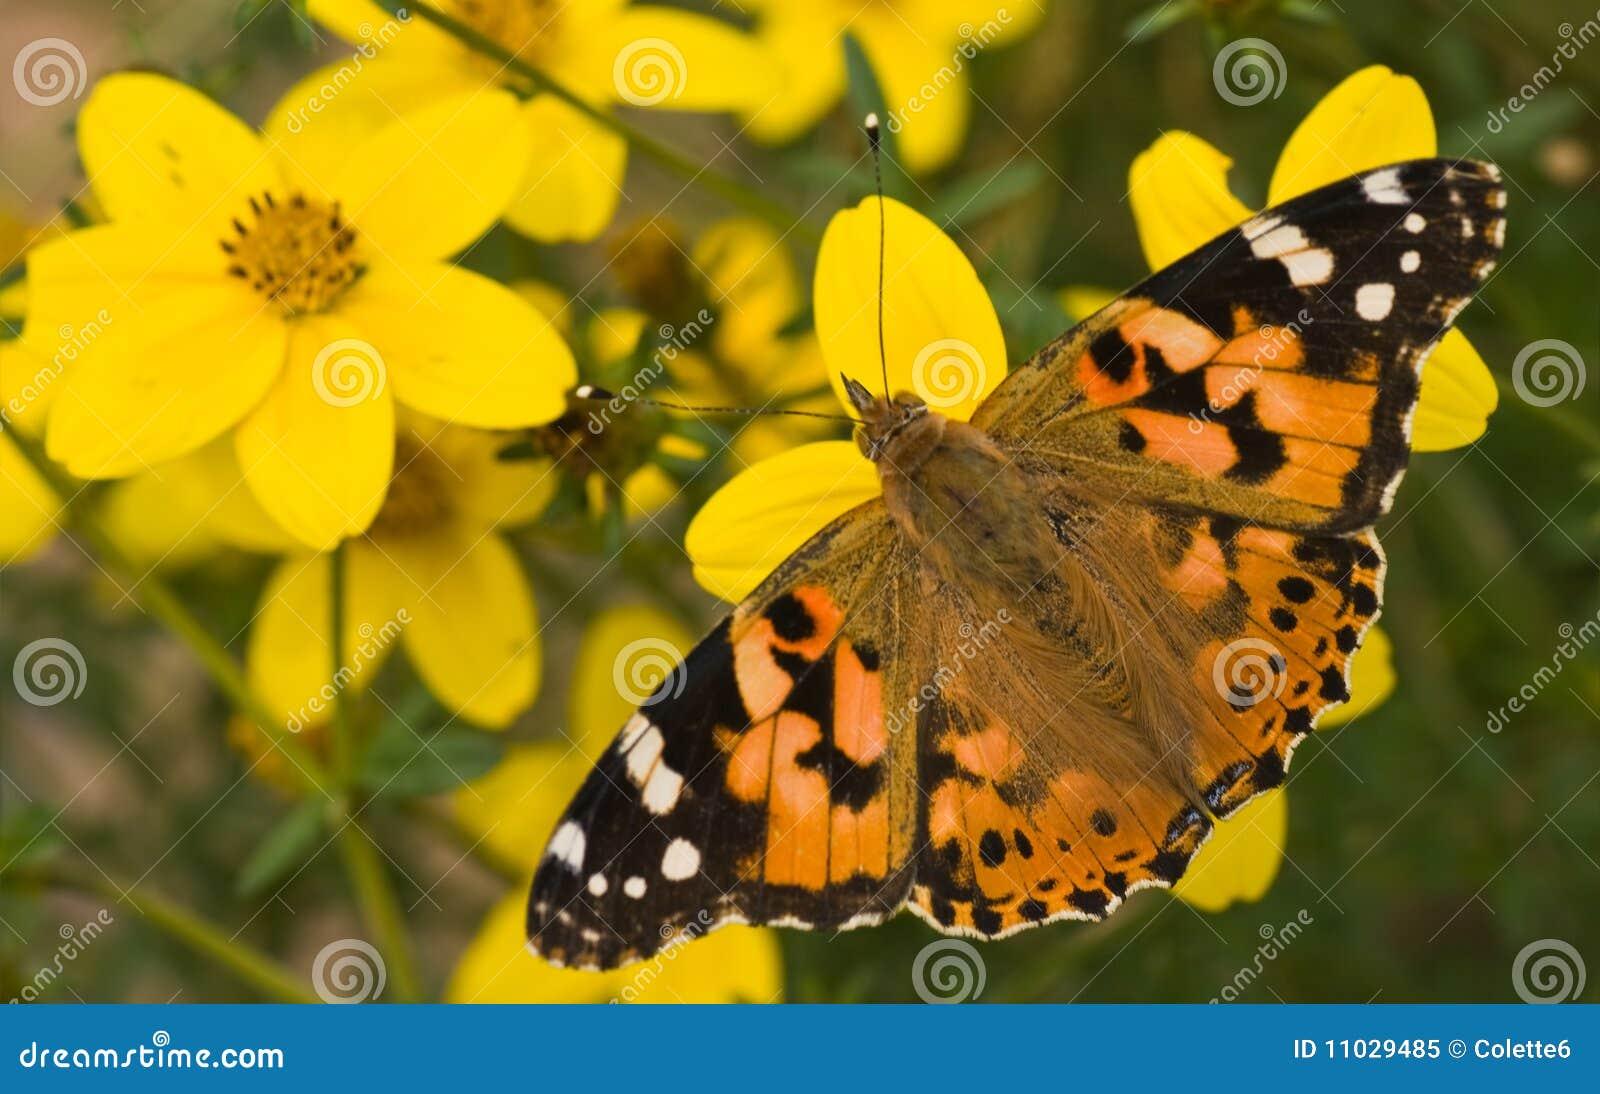 gemalte dame auf gelben blumen am sommer stockbild bild von sonne basisrecheneinheiten 11029485. Black Bedroom Furniture Sets. Home Design Ideas